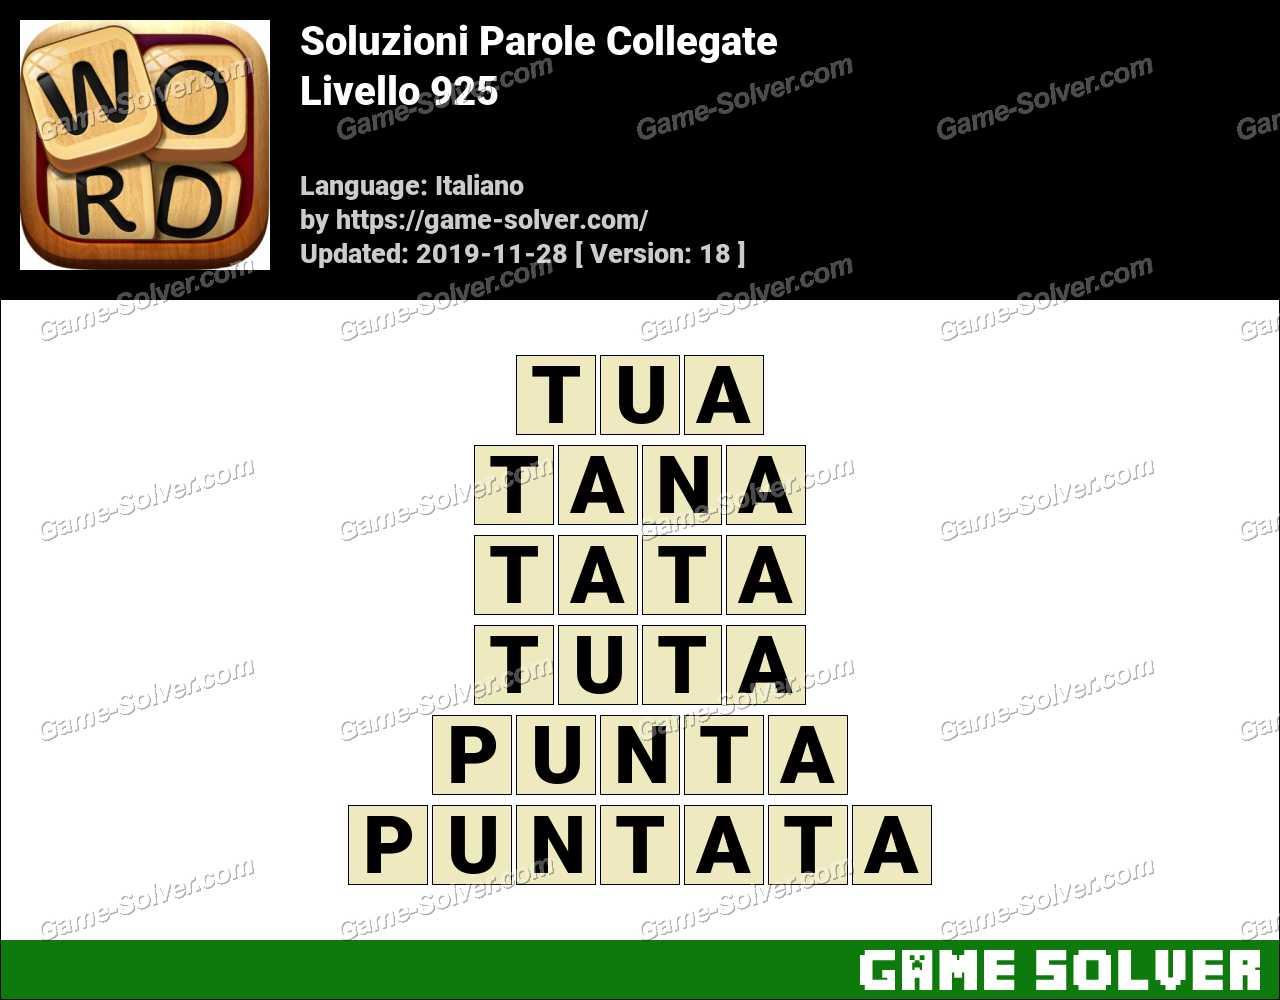 Soluzioni Parole Collegate Livello 925